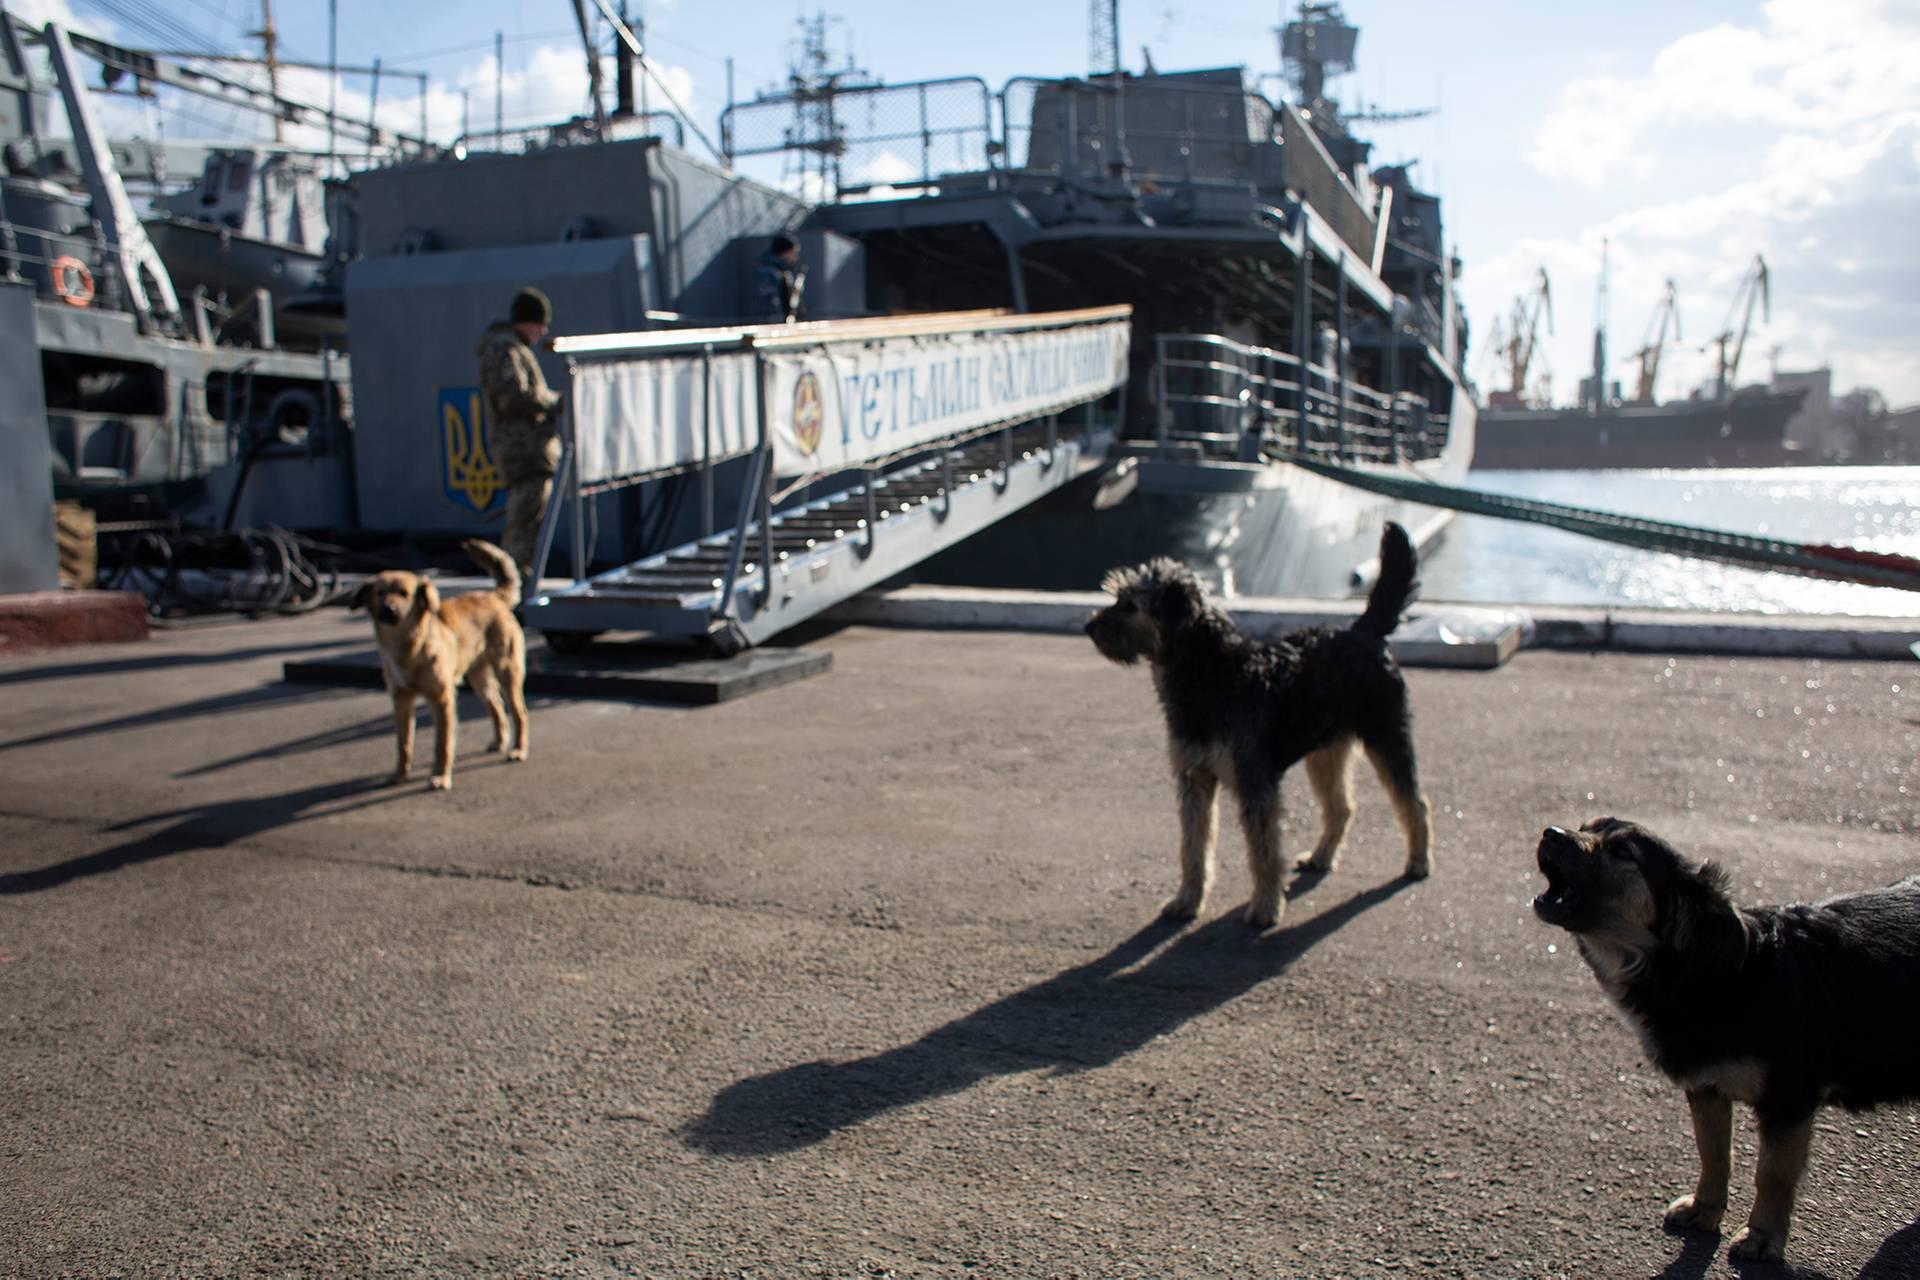 Найбільший за розмірами і найпомітніший корабель на базі ВМС України в Одесі — багатоцільовий фрегат «Гетьман Сагайдачний», 1 березня 2019 року